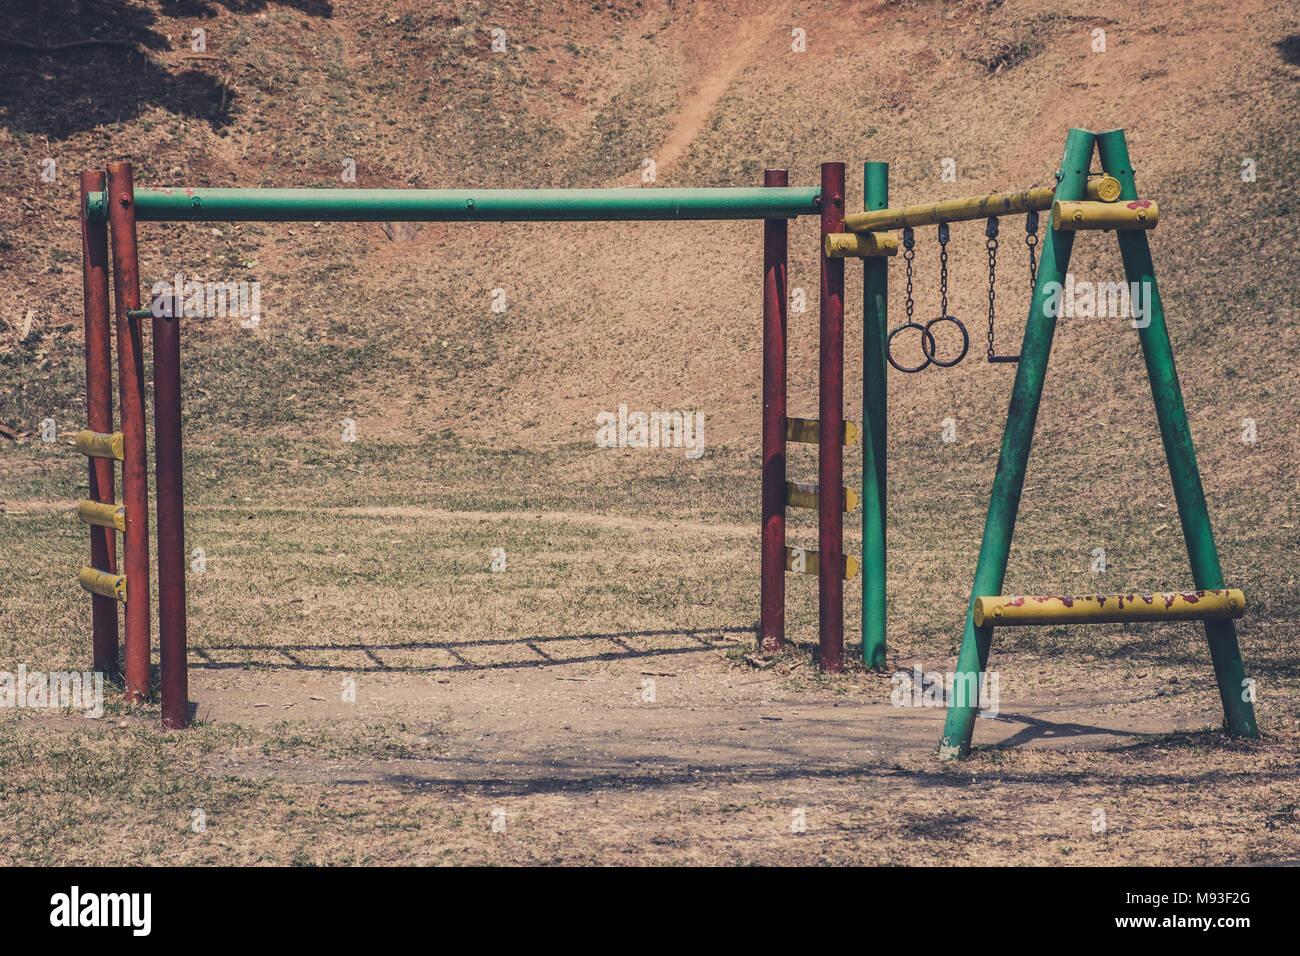 Klettergerüst English : Alte klettergerüst auf rostigen spielplatz im park stockfoto bild